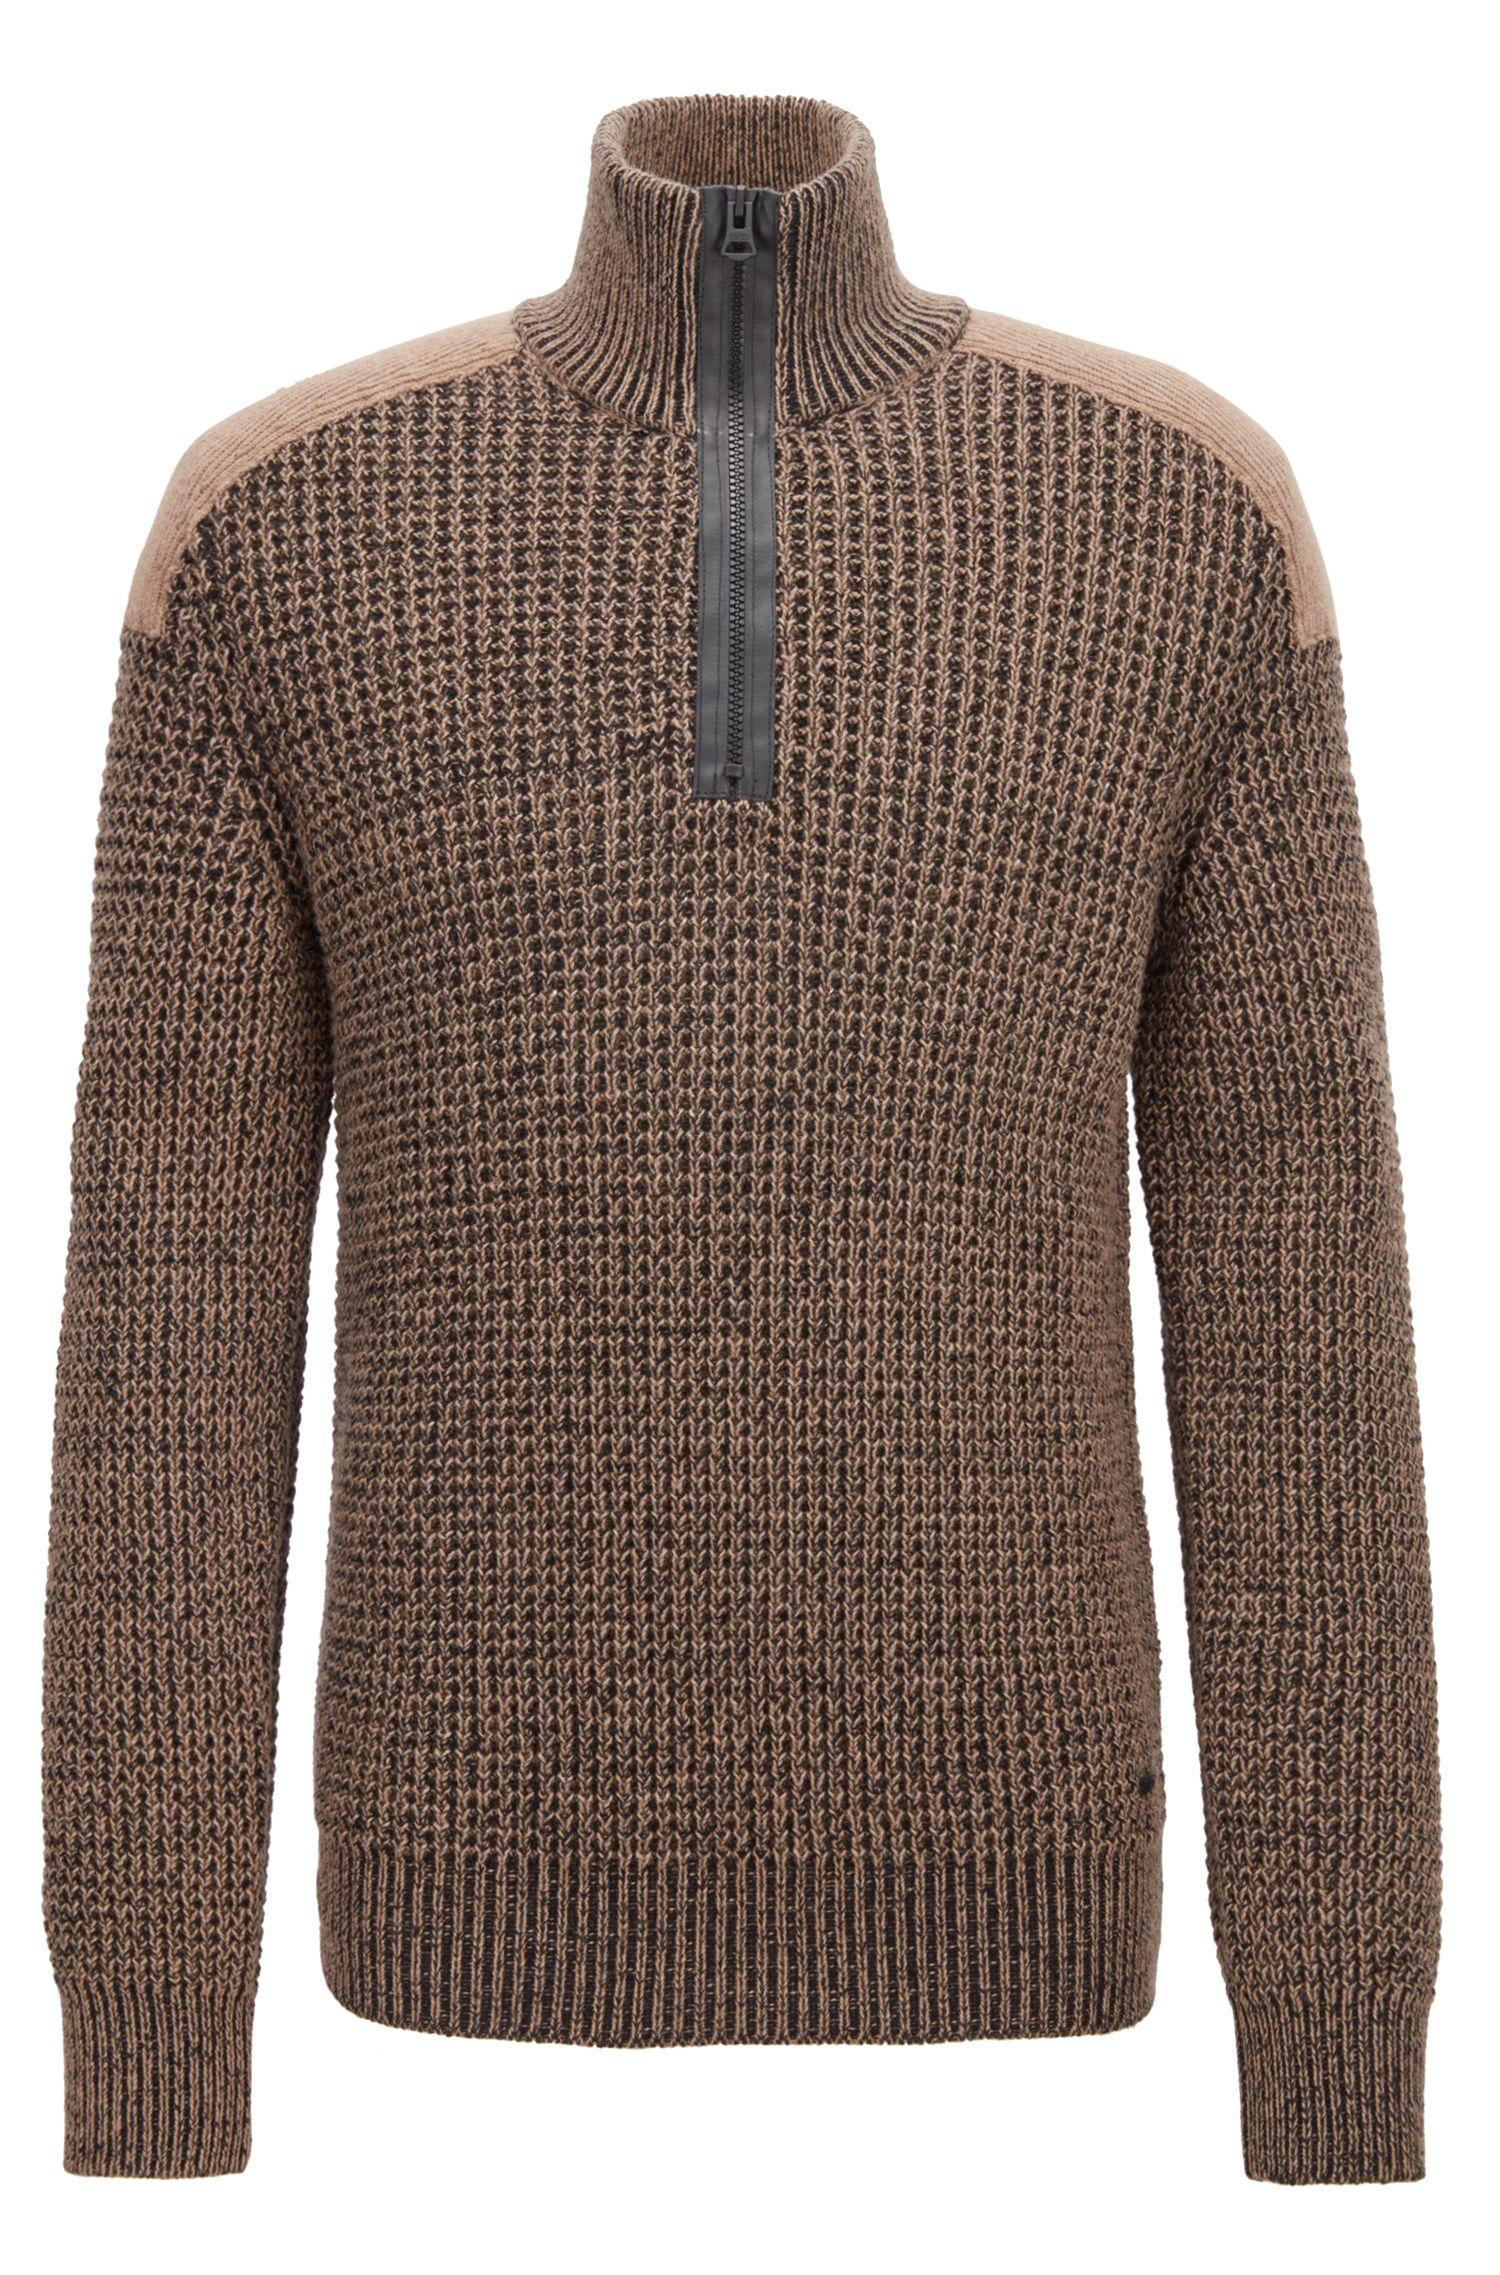 Strickpullover aus Baumwoll-Mix mit Troyerkragen und kontrastfarbenen Schulter-Patches